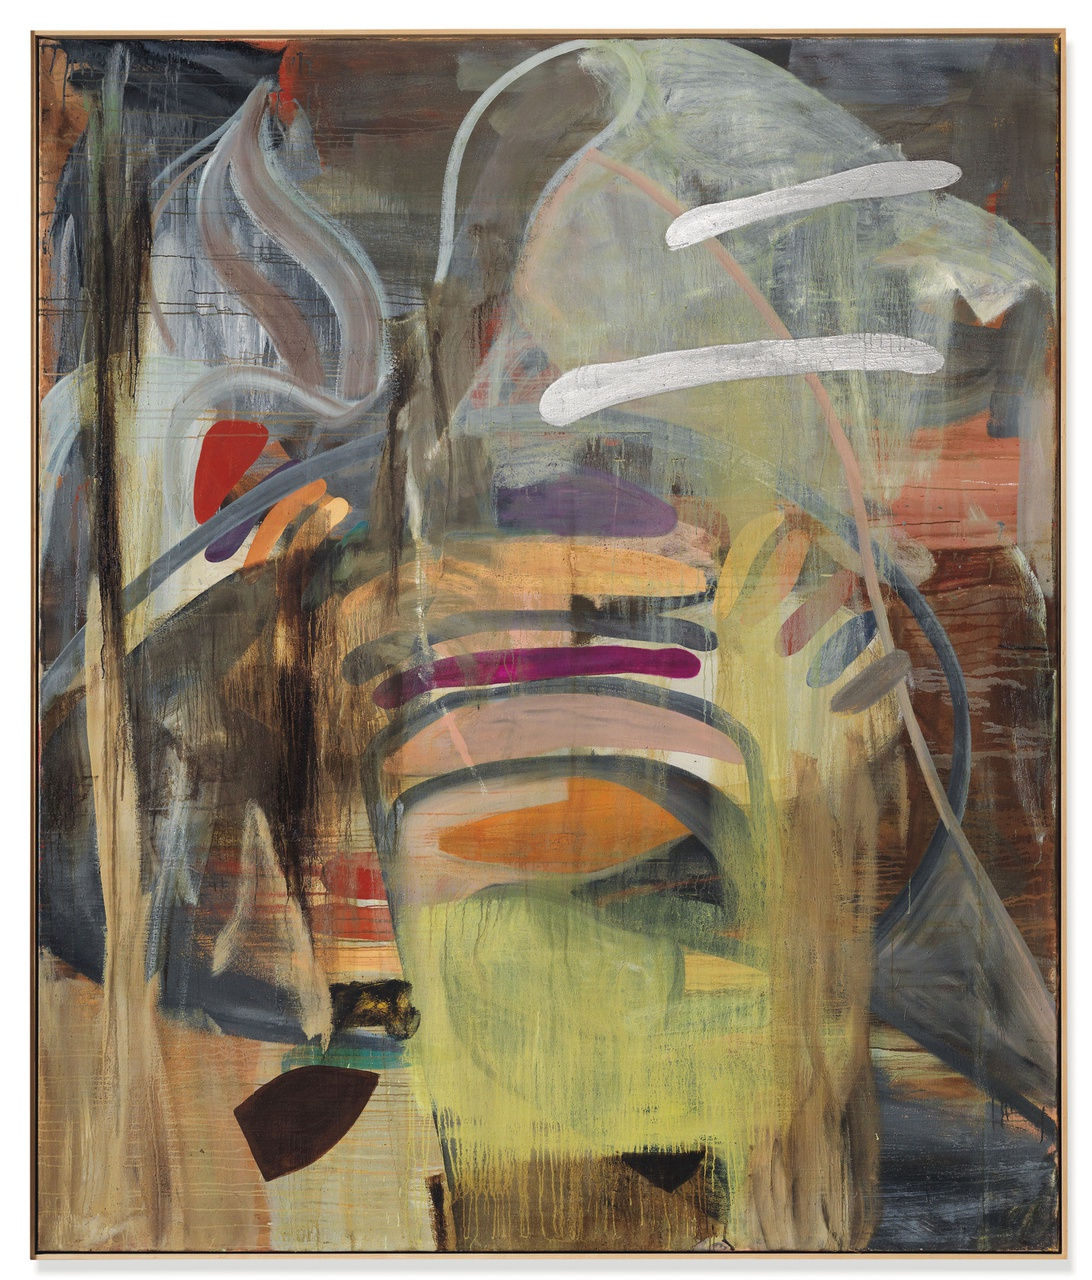 3/6 - Albert Oehlen, Untitled, 1989, privécollectie. Foto: Christie's.